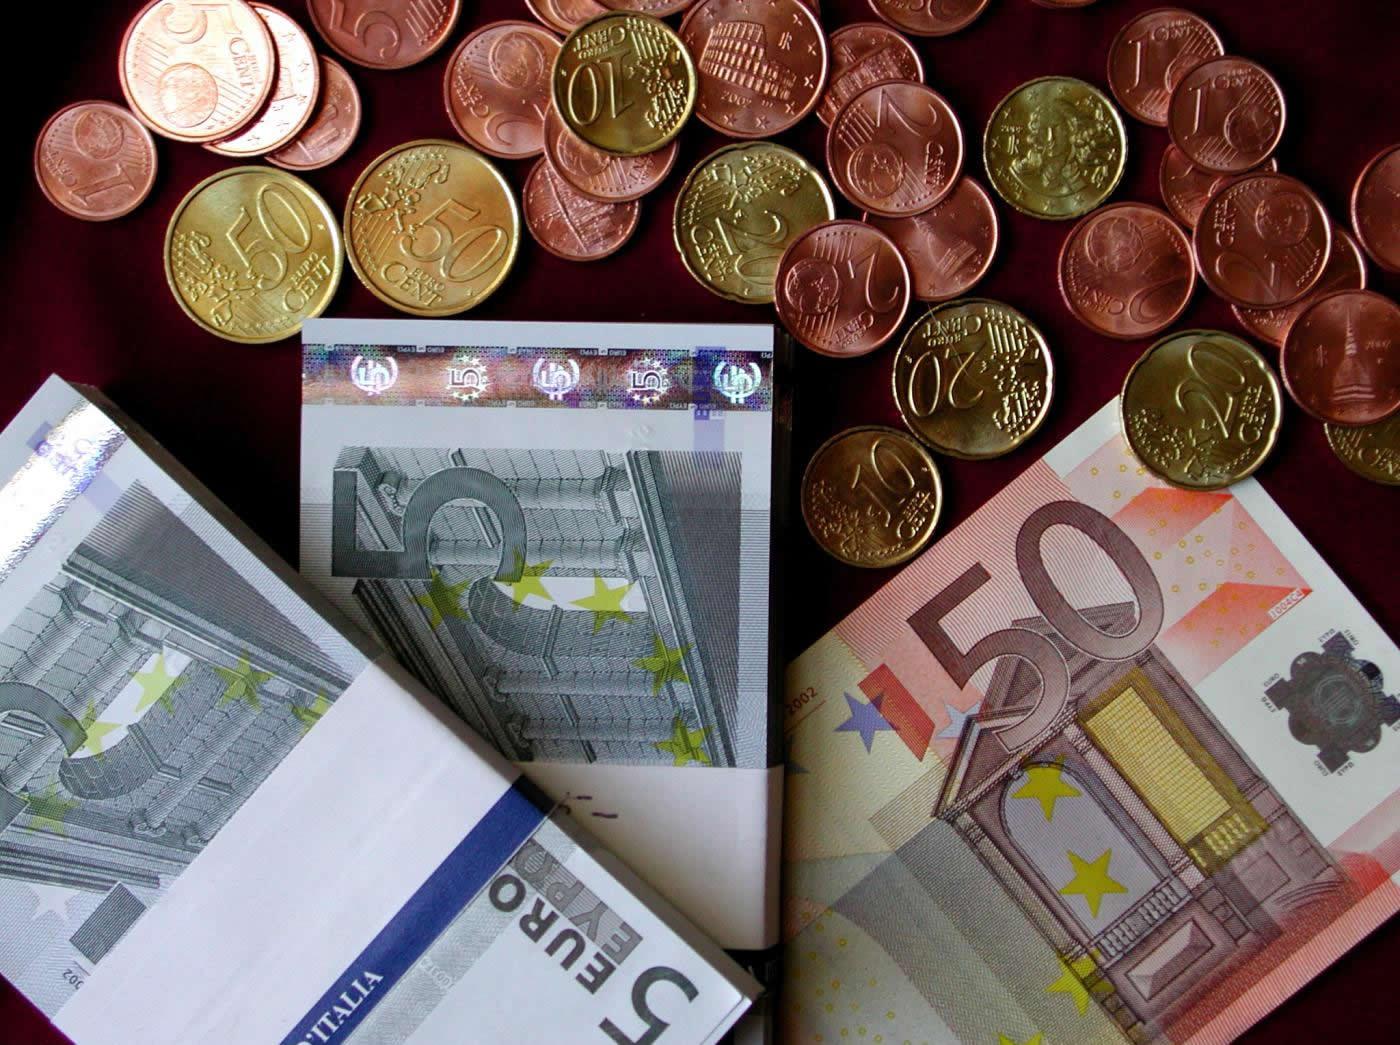 Ciampino trova un portafogli con 1370 euro e lo consegna for Trova un costruttore locale